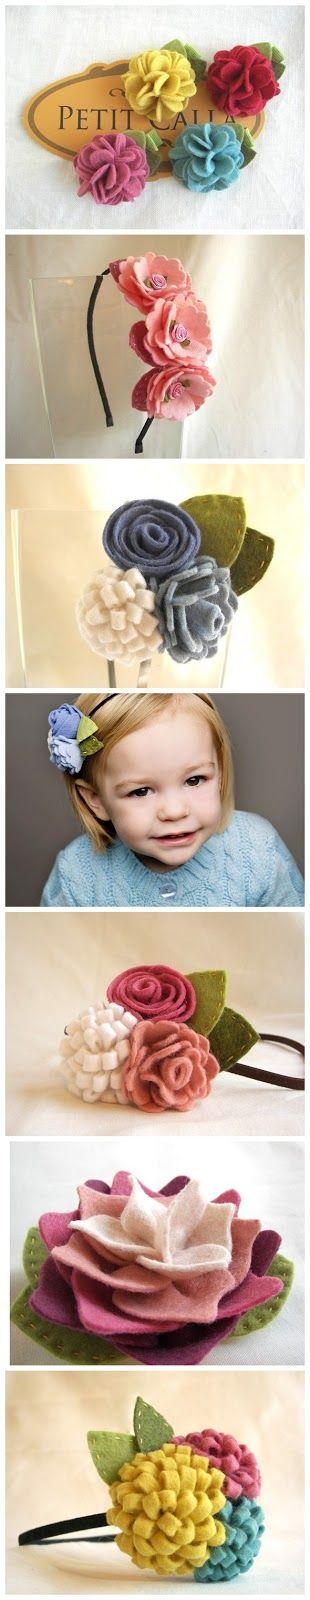 MiiMii - rękodzieło dla mamy i córki.: Mamo zrób mi !!! - 50 POMYSŁÓW DIY na ozdoby do włosów i nie tylko.